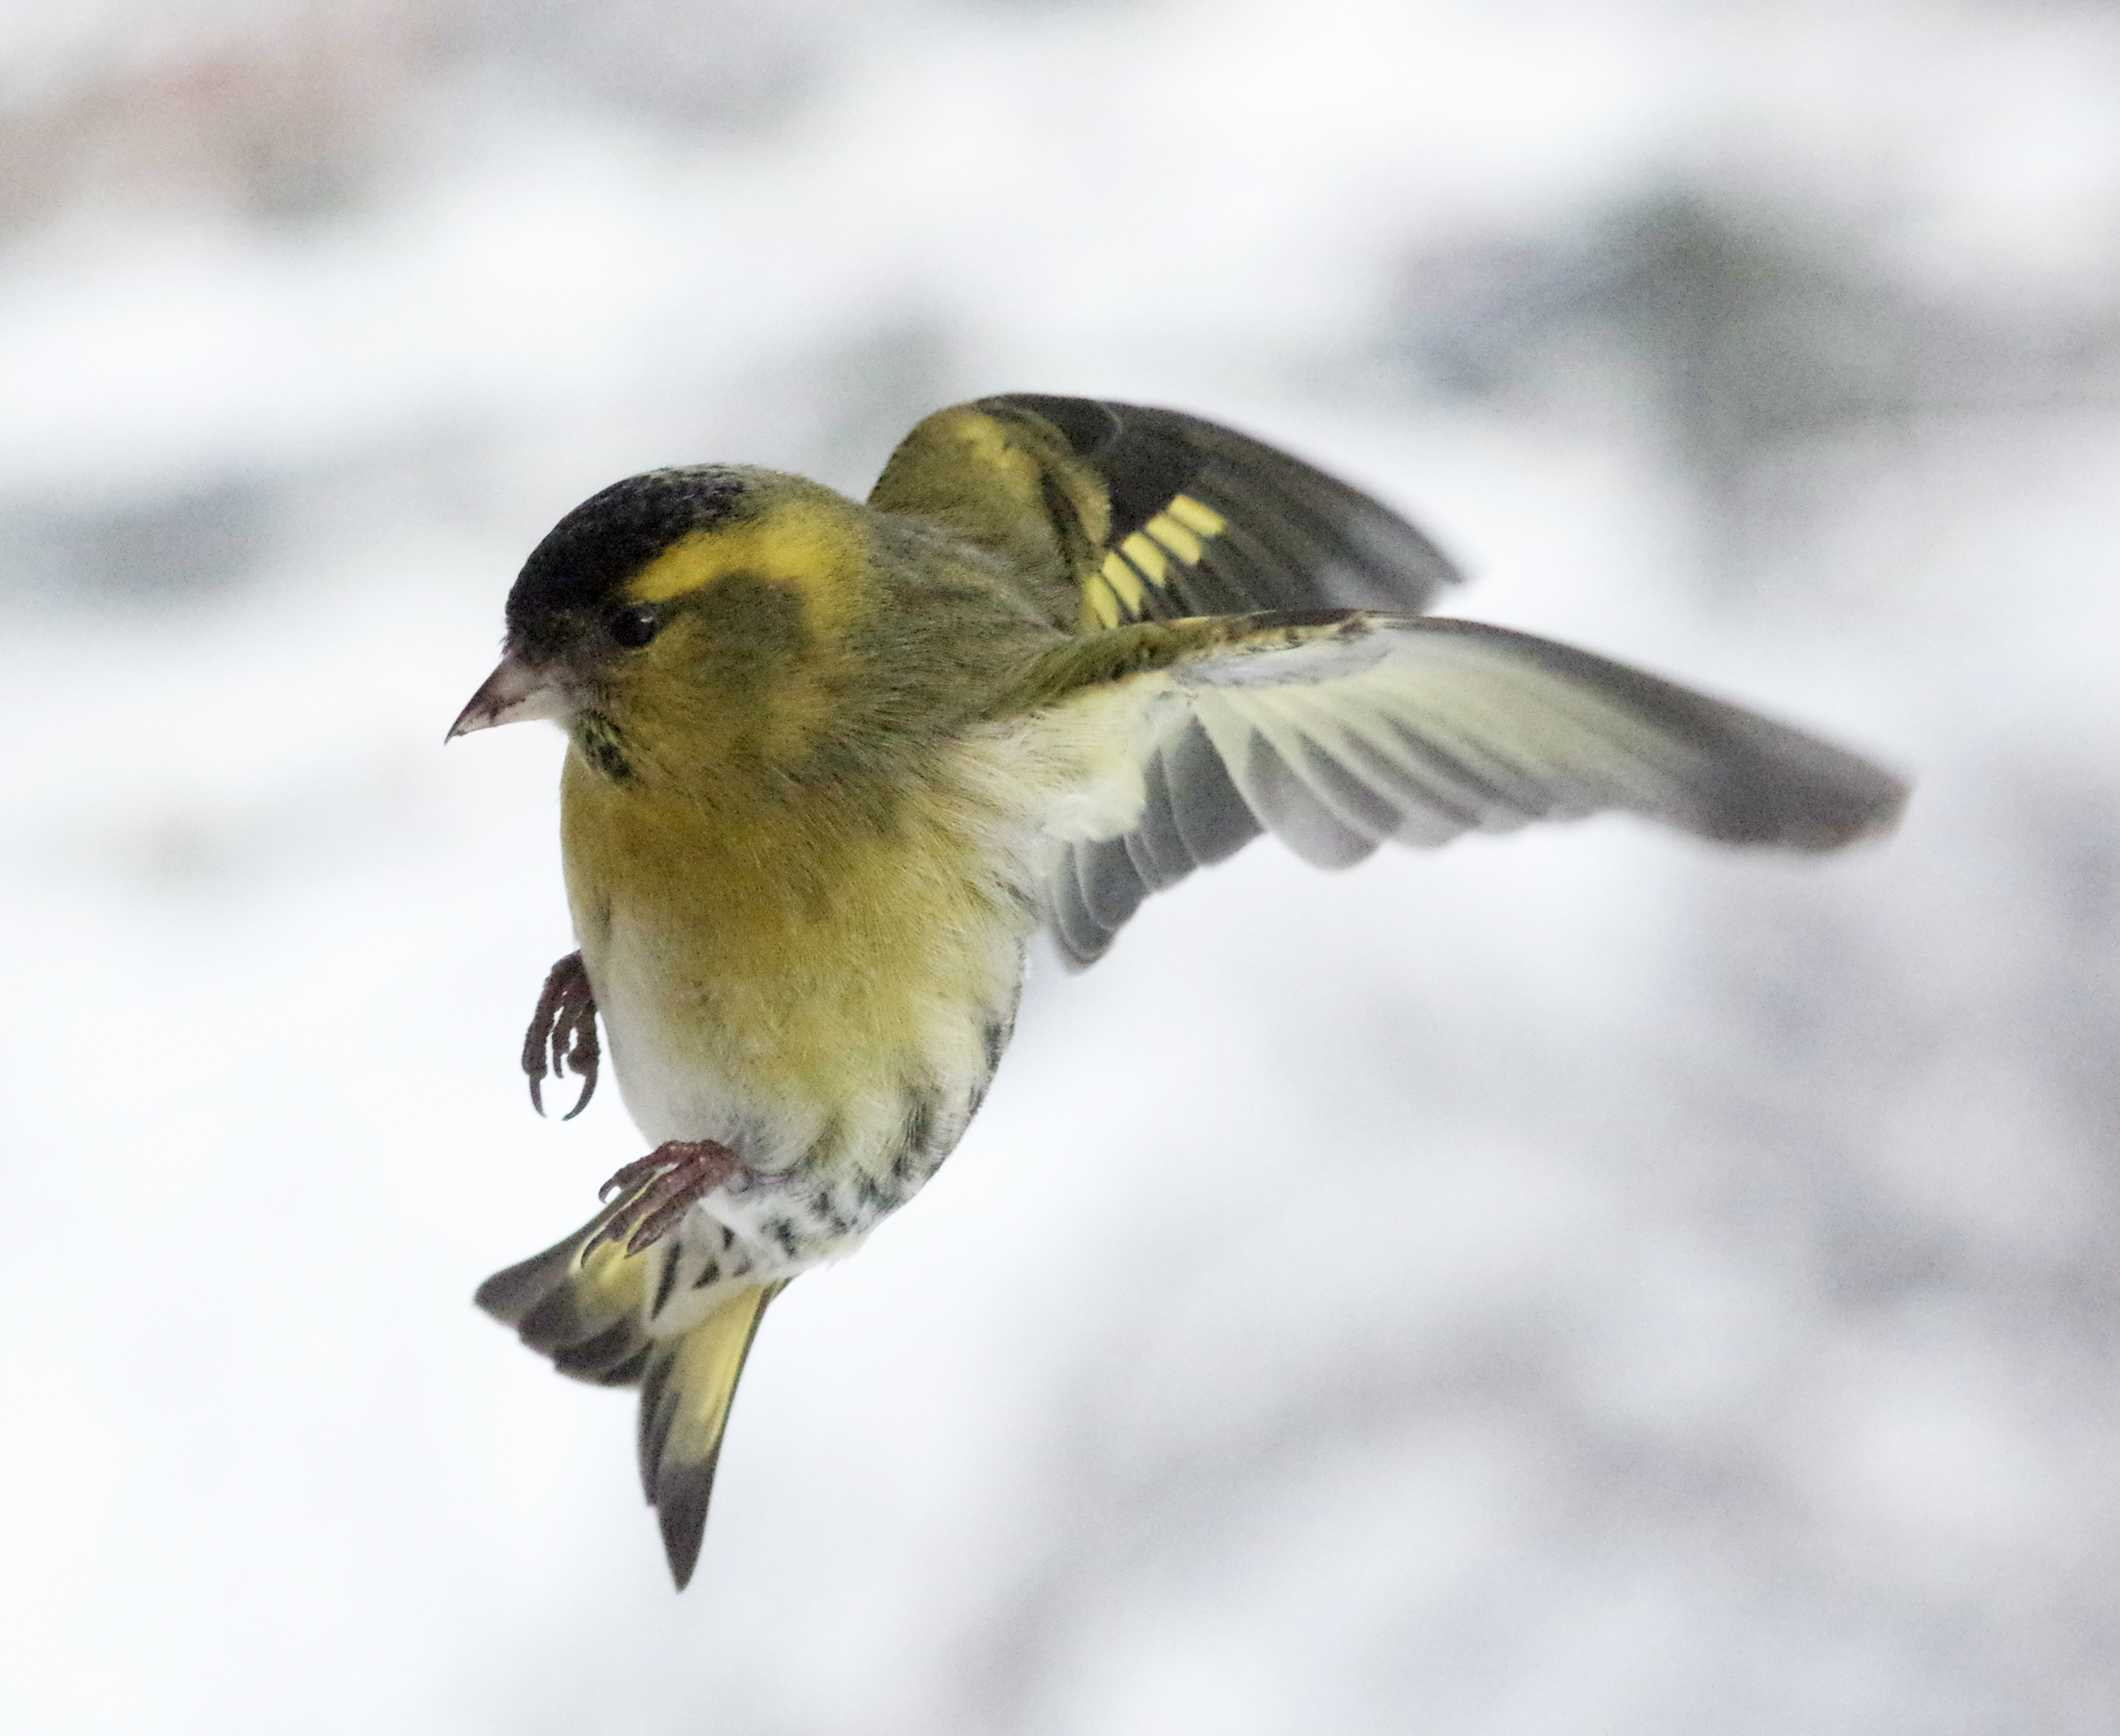 grønnfink in flight